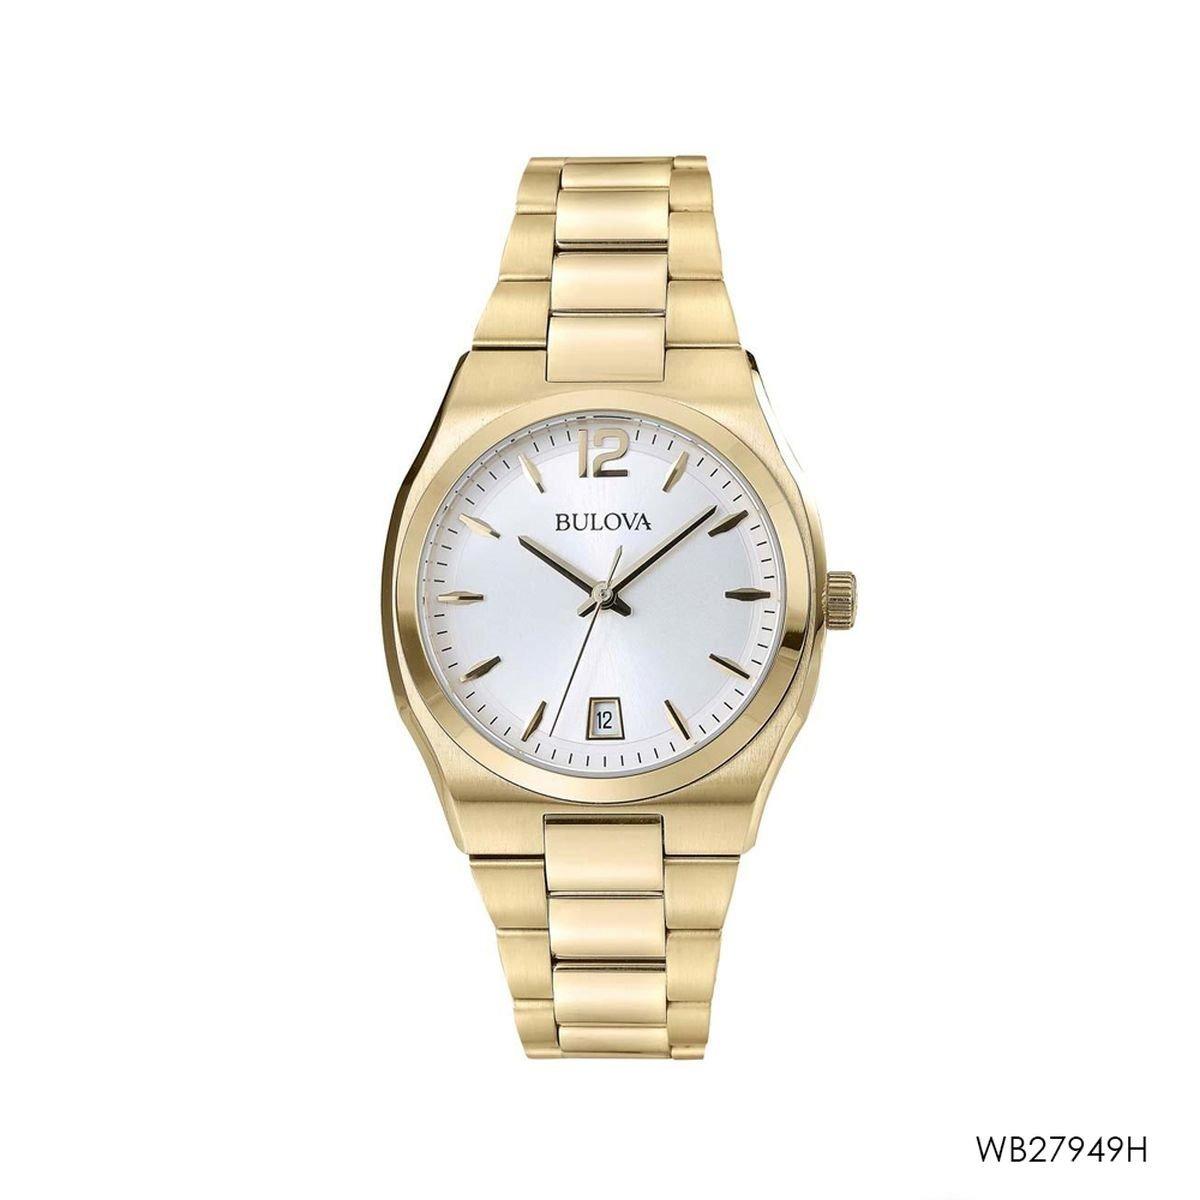 f6061d4f0ba relógio bulova feminino wb27949h original e barato. Carregando zoom.